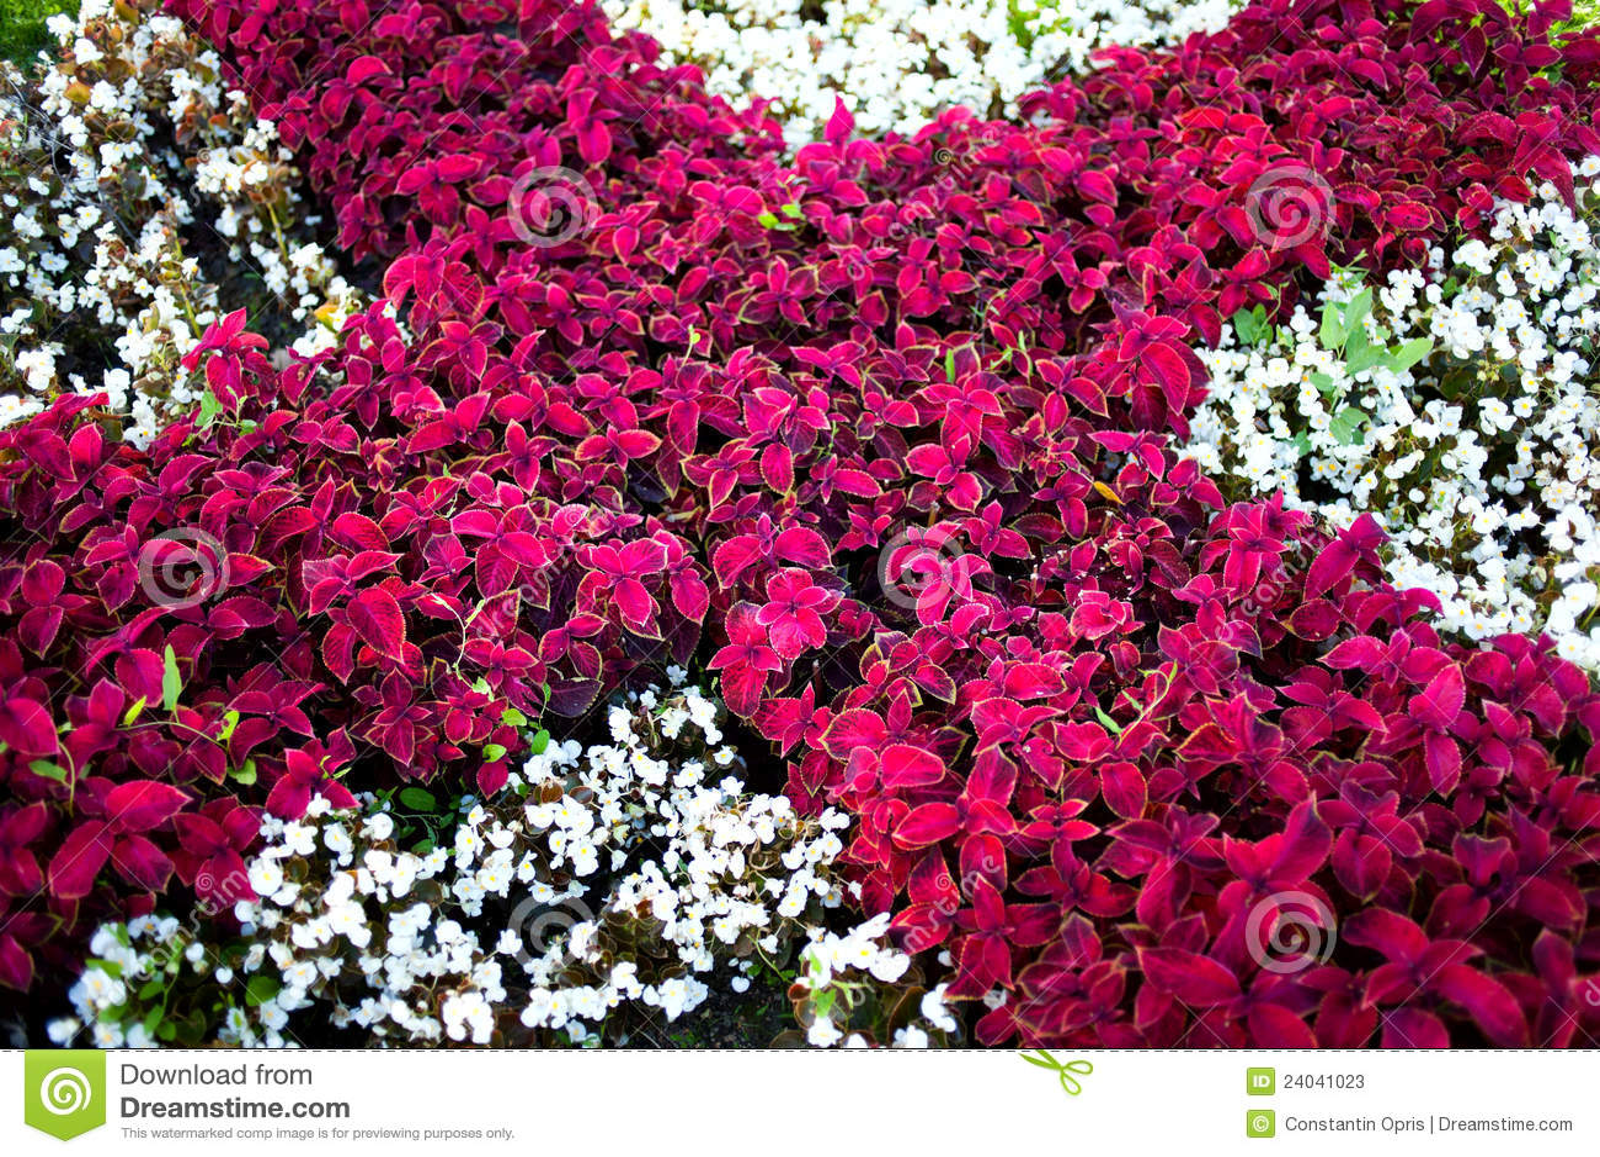 imagens jardim de rosas:Jardim De Flores Fotos de Stock – Imagem: 24041023